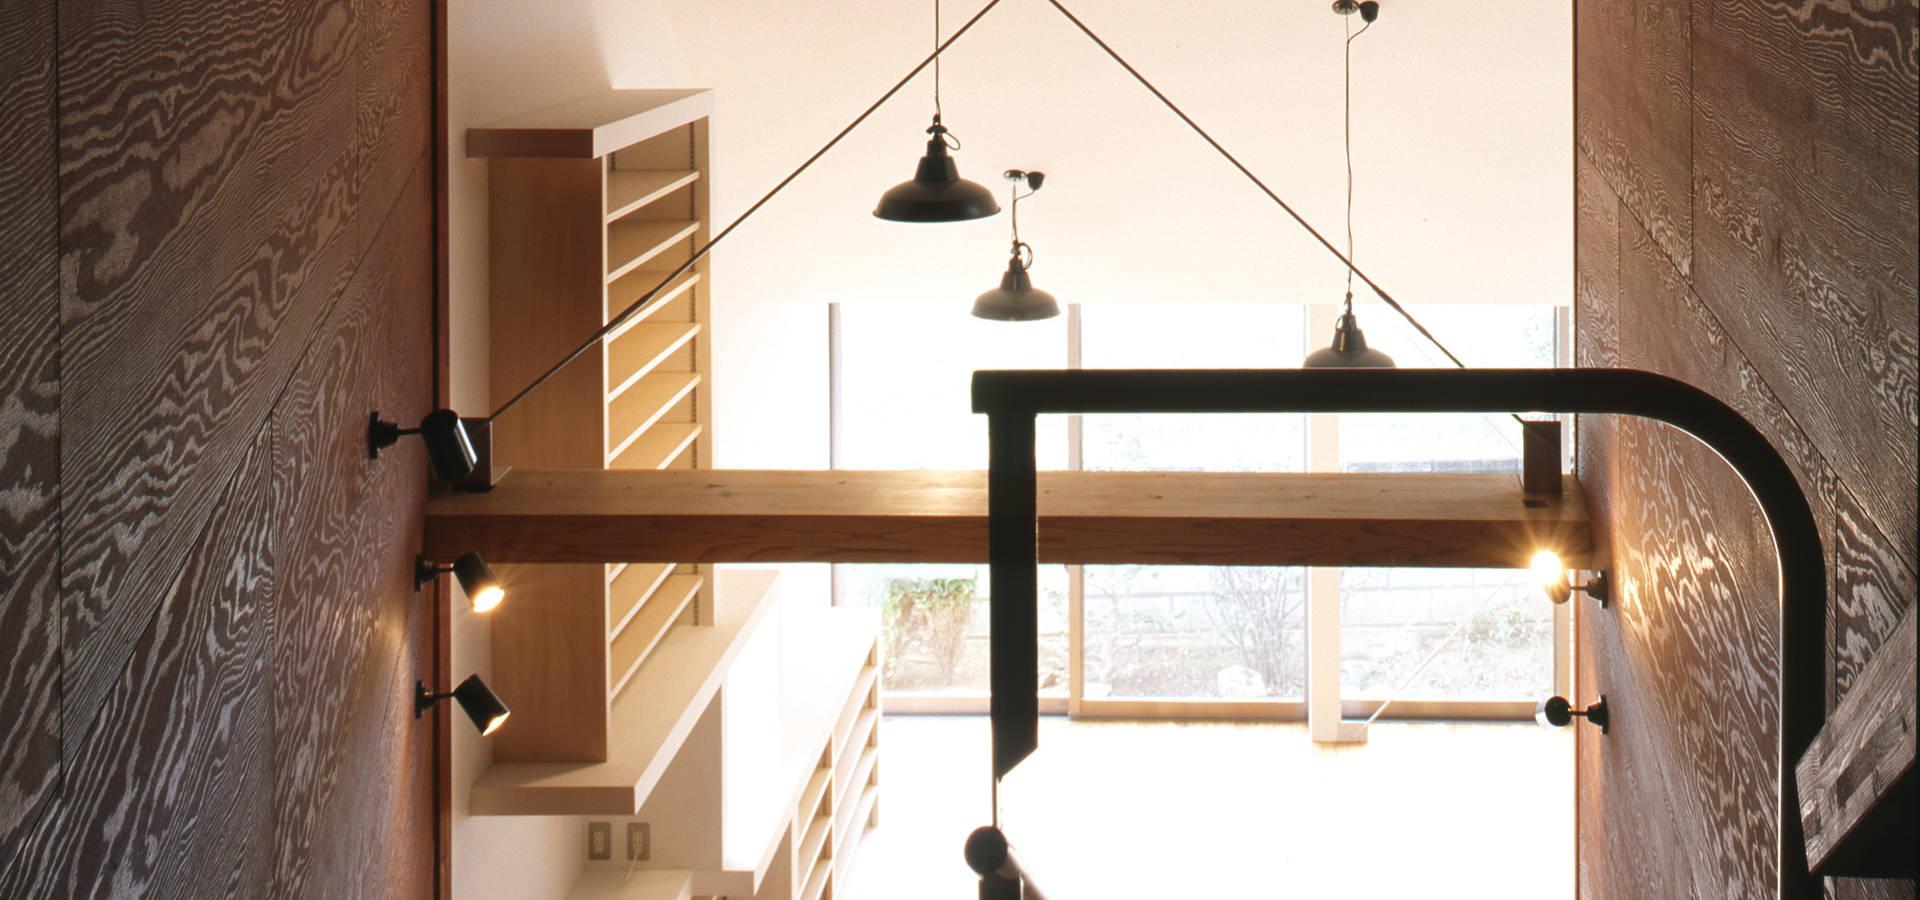 片岡重男建築研究所 Kataoka Shigeo Architects